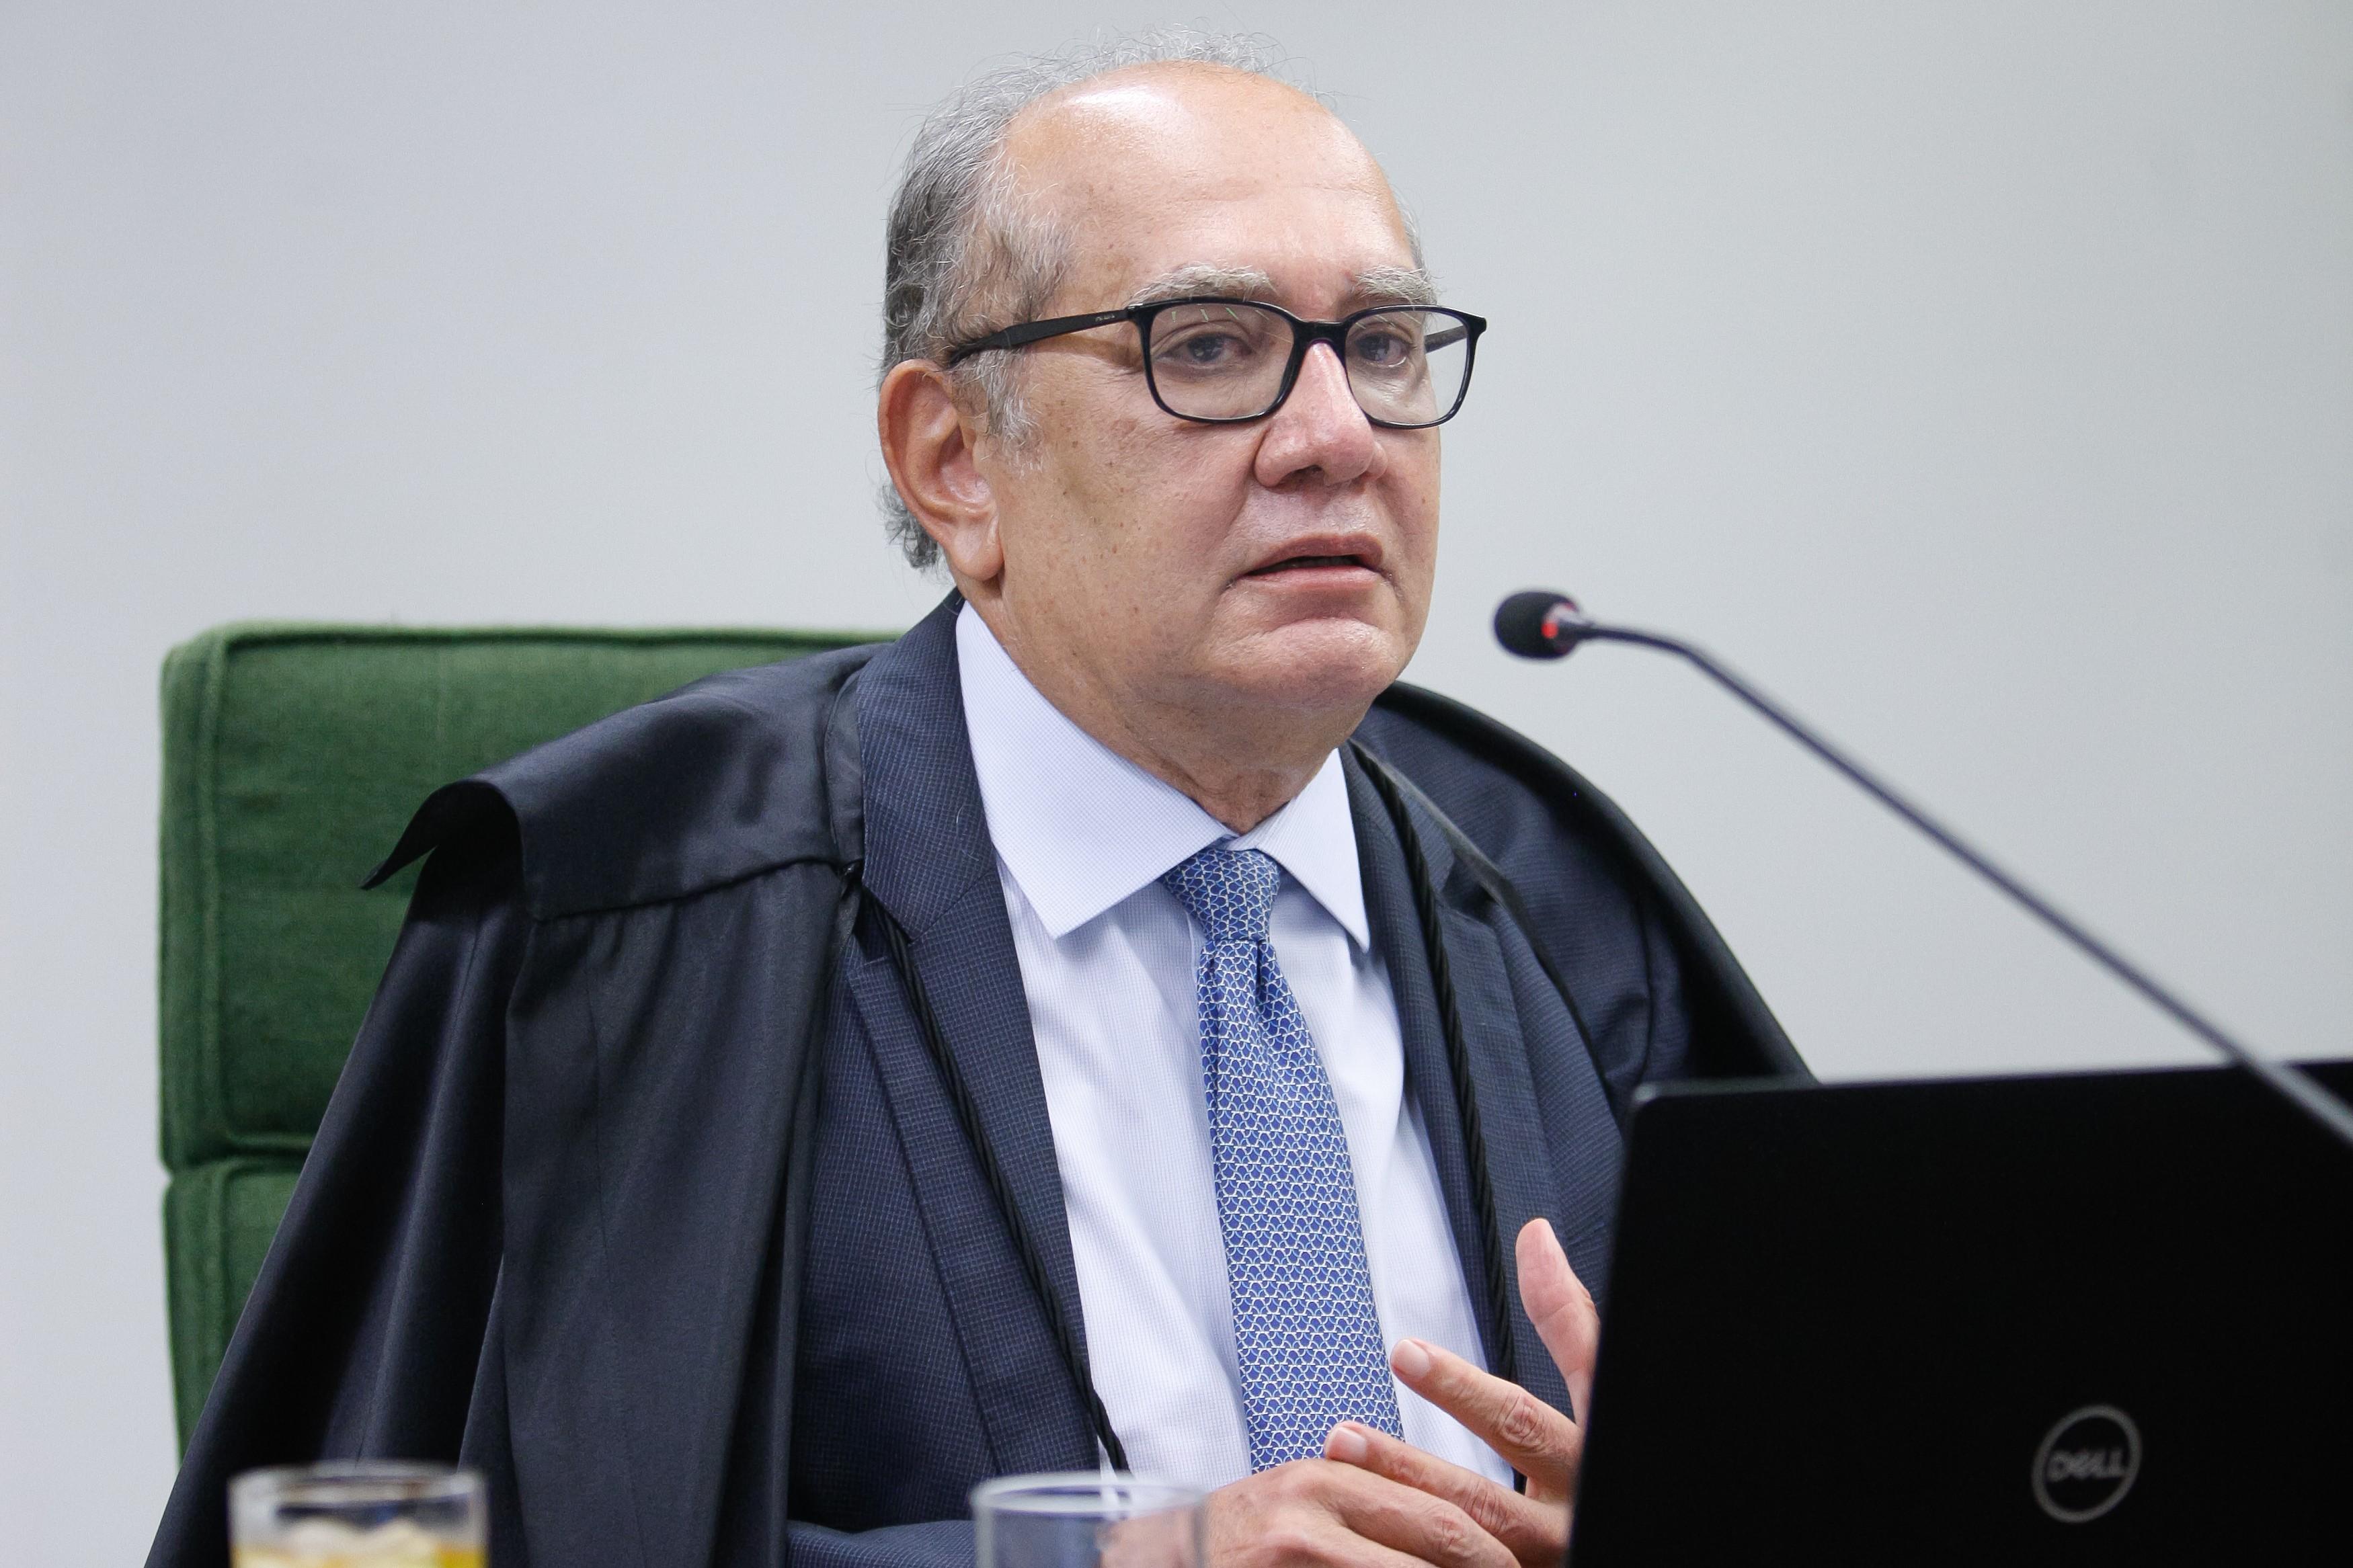 Ministro Gilmar Mendes preside sessão da 2ª Turma do STF que discutiu suspeição do ex-juiz Sergio Moro